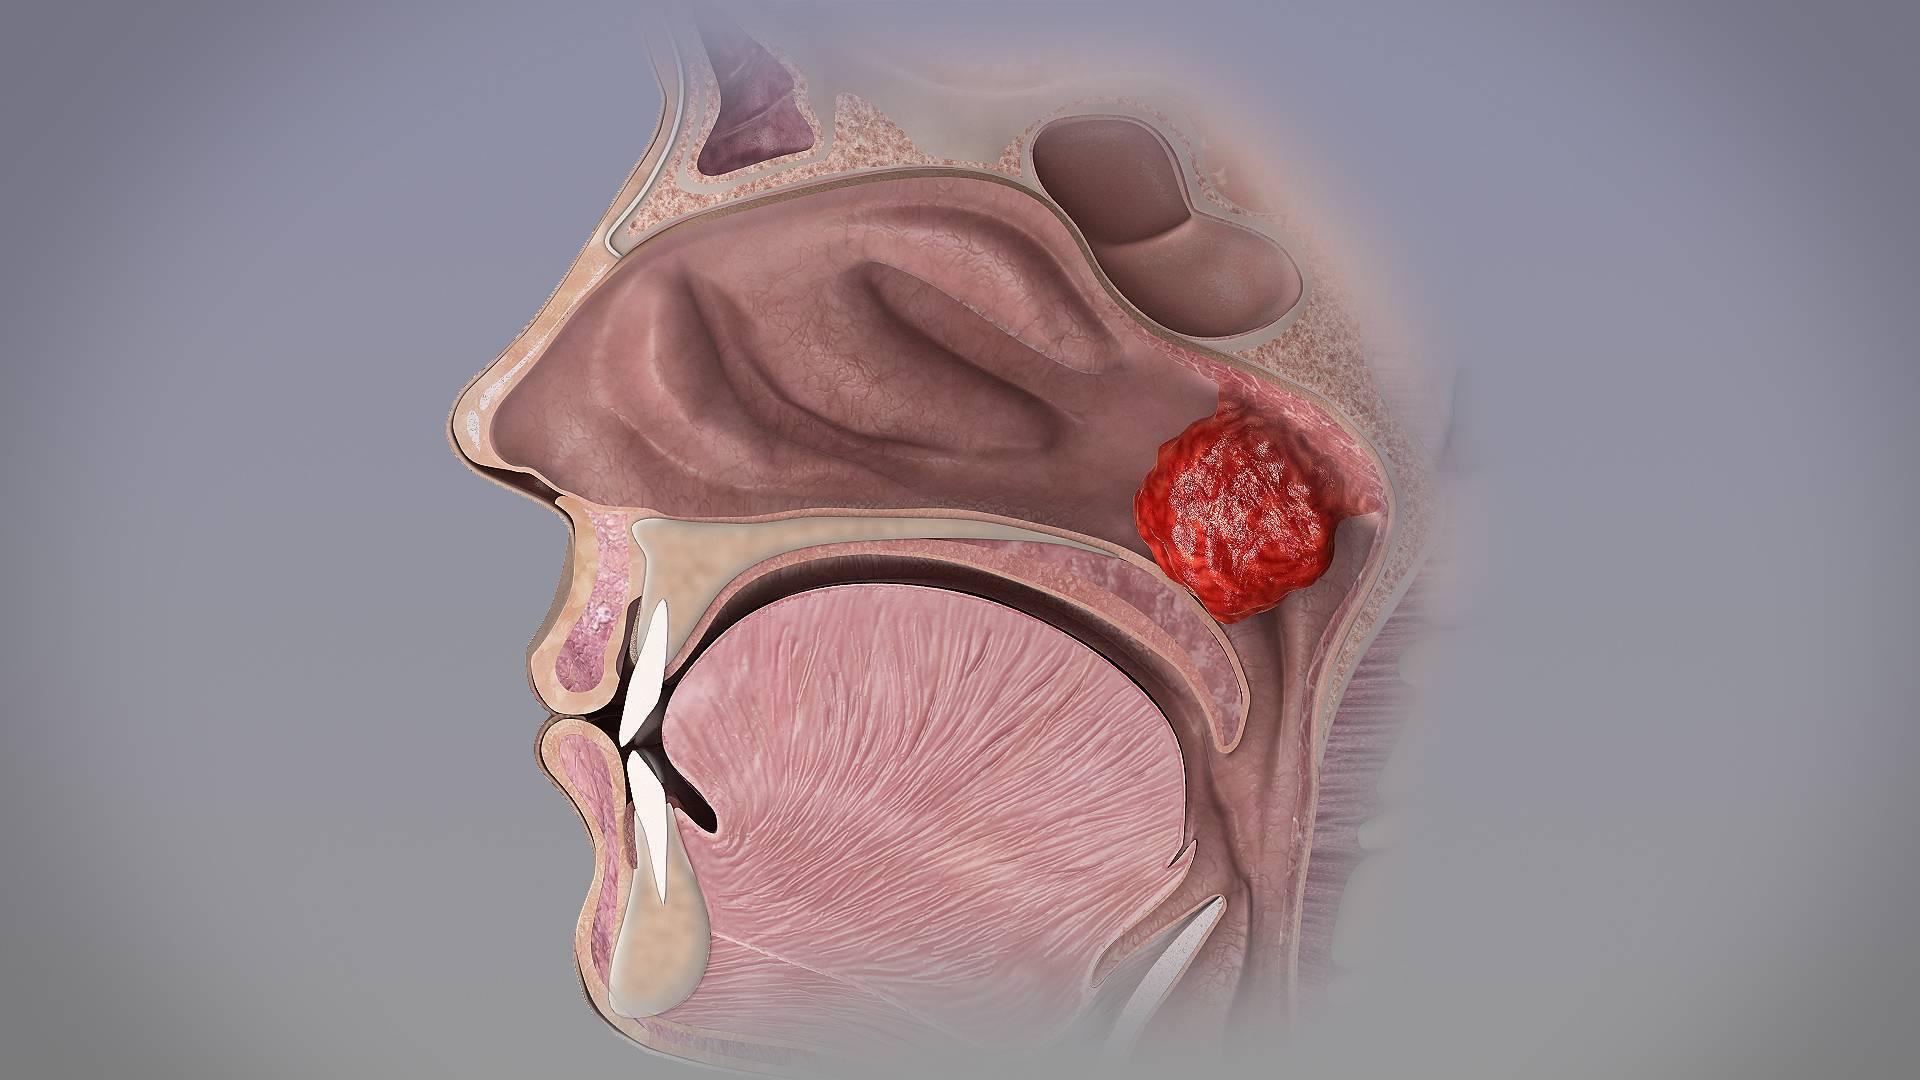 Как снять отек носа у ребенка: лечение отека слизистой новорожденного и грудничка, как убрать сильный отек носоглотки при аденоидах